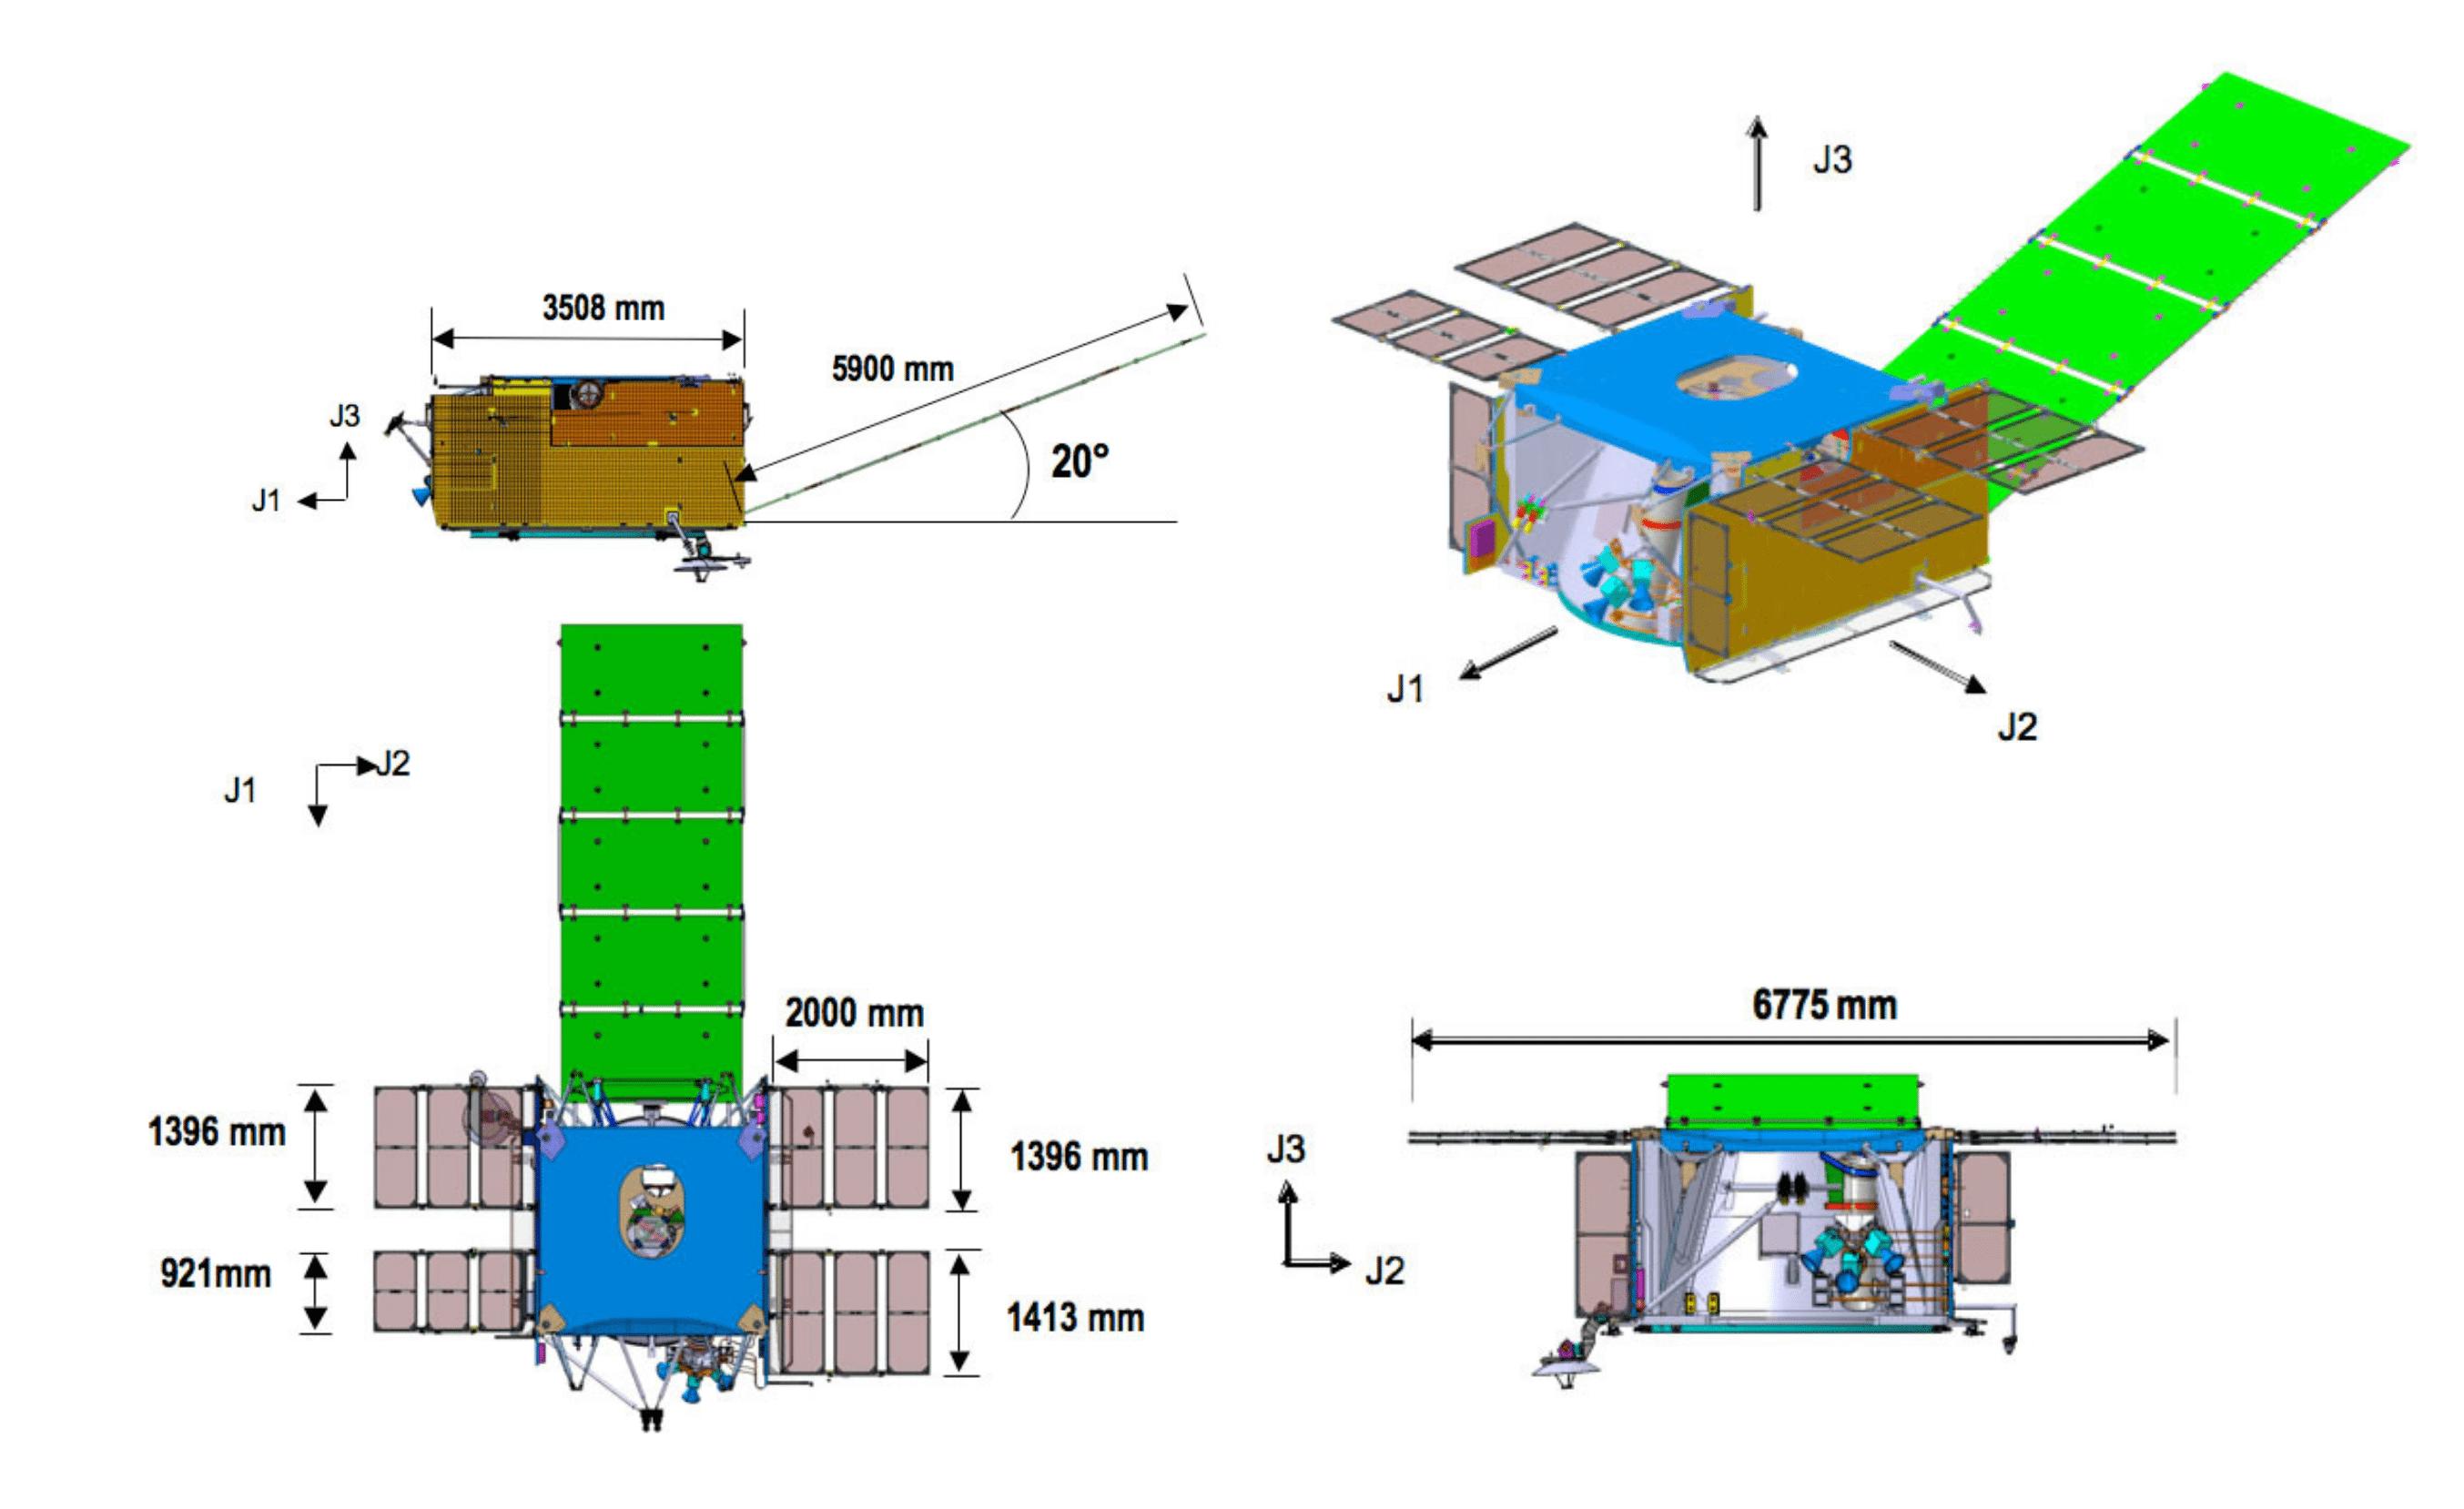 Viste progettuali del BUS del James Webb Space Telescope. In verde il pannello solare principale. Credits: Northrop Grumman